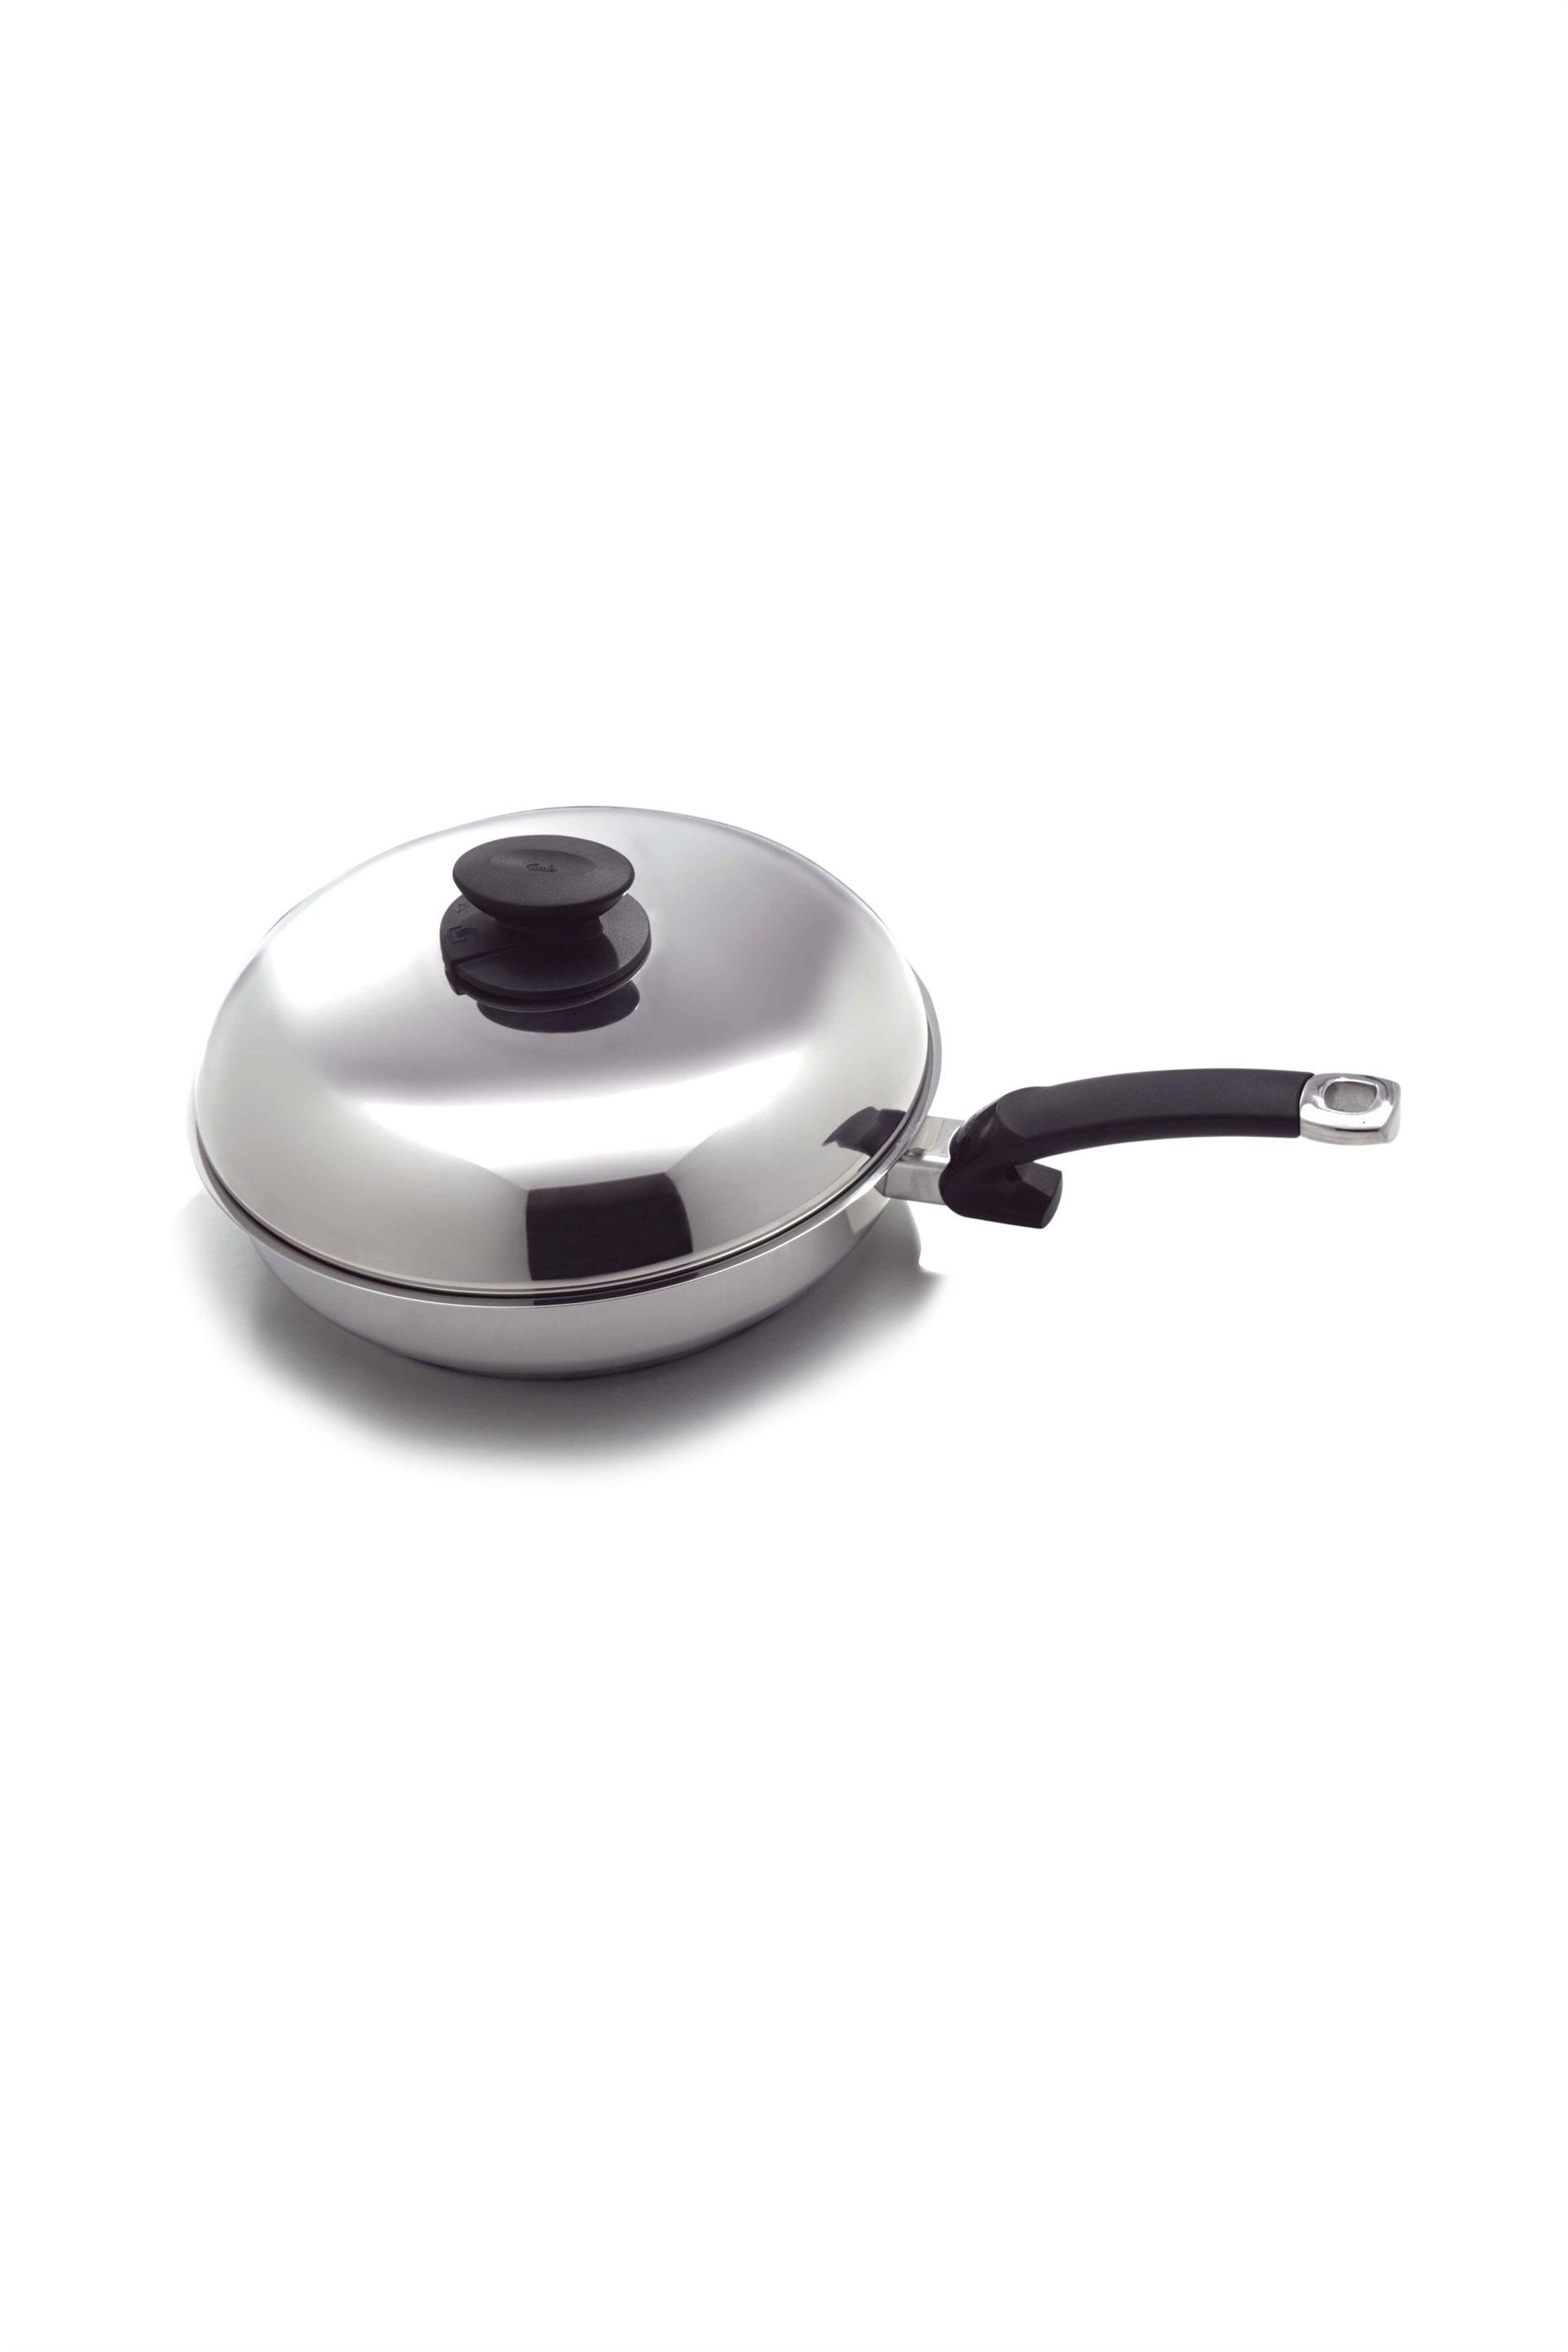 Τηγάνι 28cm Crispy Inox Coronal Fissler - 12110028 home   κουζινα   μαγειρικά σκεύη